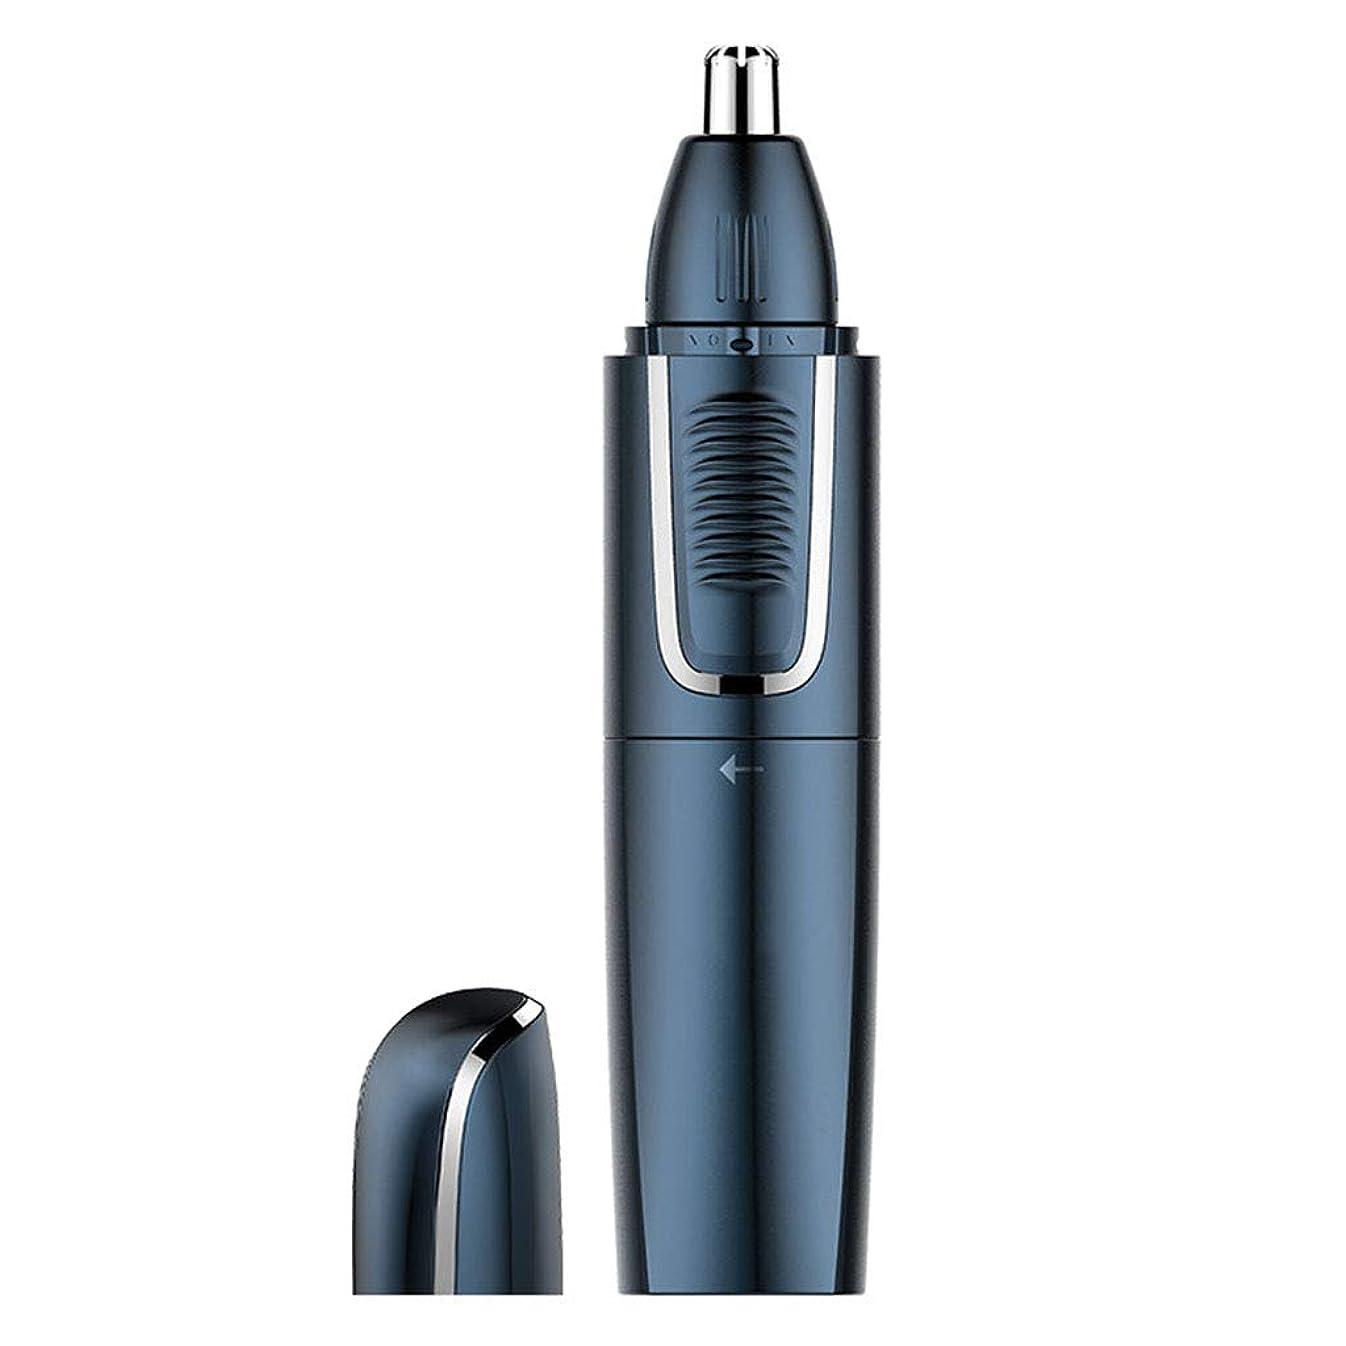 差外交ベーカリーノーズヘアトリマー、スリーインワントリマー、USB充電式防水ネットトリムヘッドアンチクリップは鼻腔を傷つけません、男性と女性用